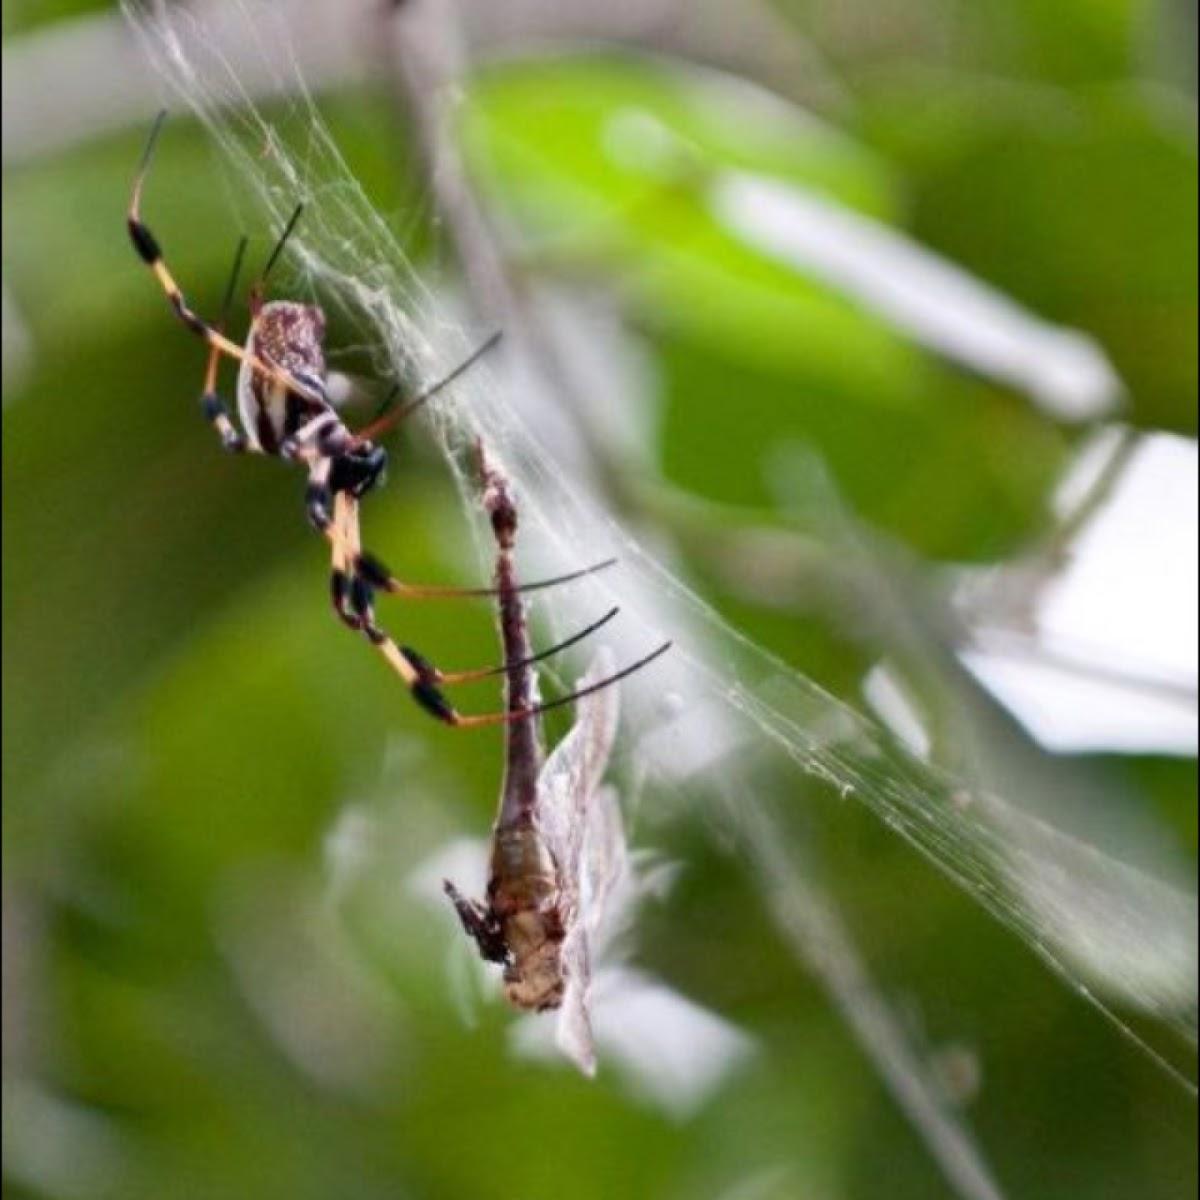 Golden Silk Spider (Banana Spider)